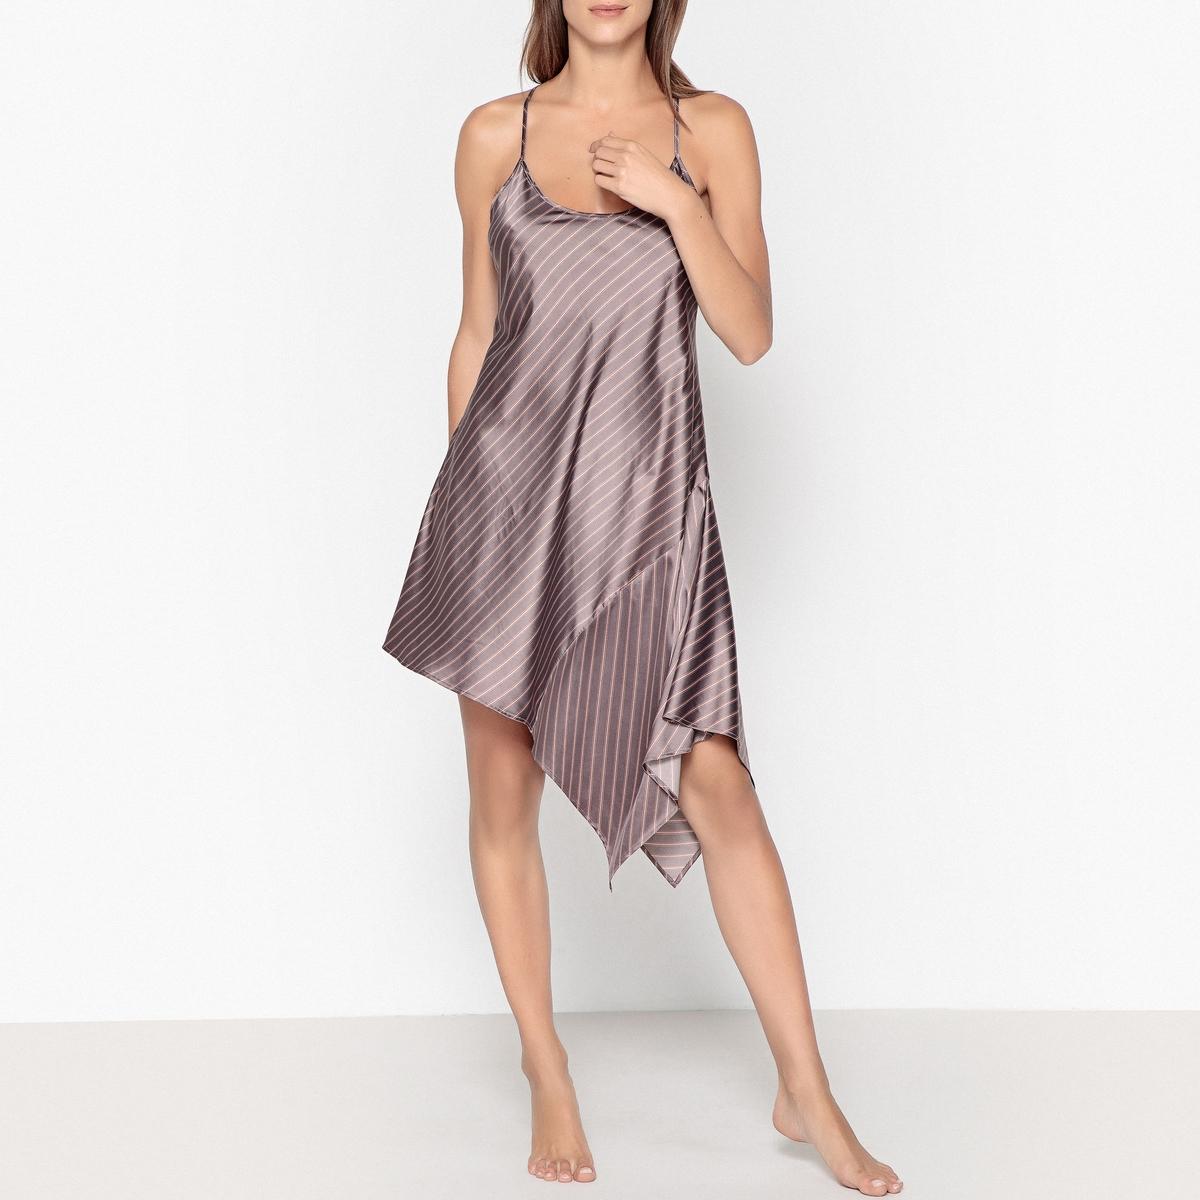 Camisa de dormir assimétrica, em cetim